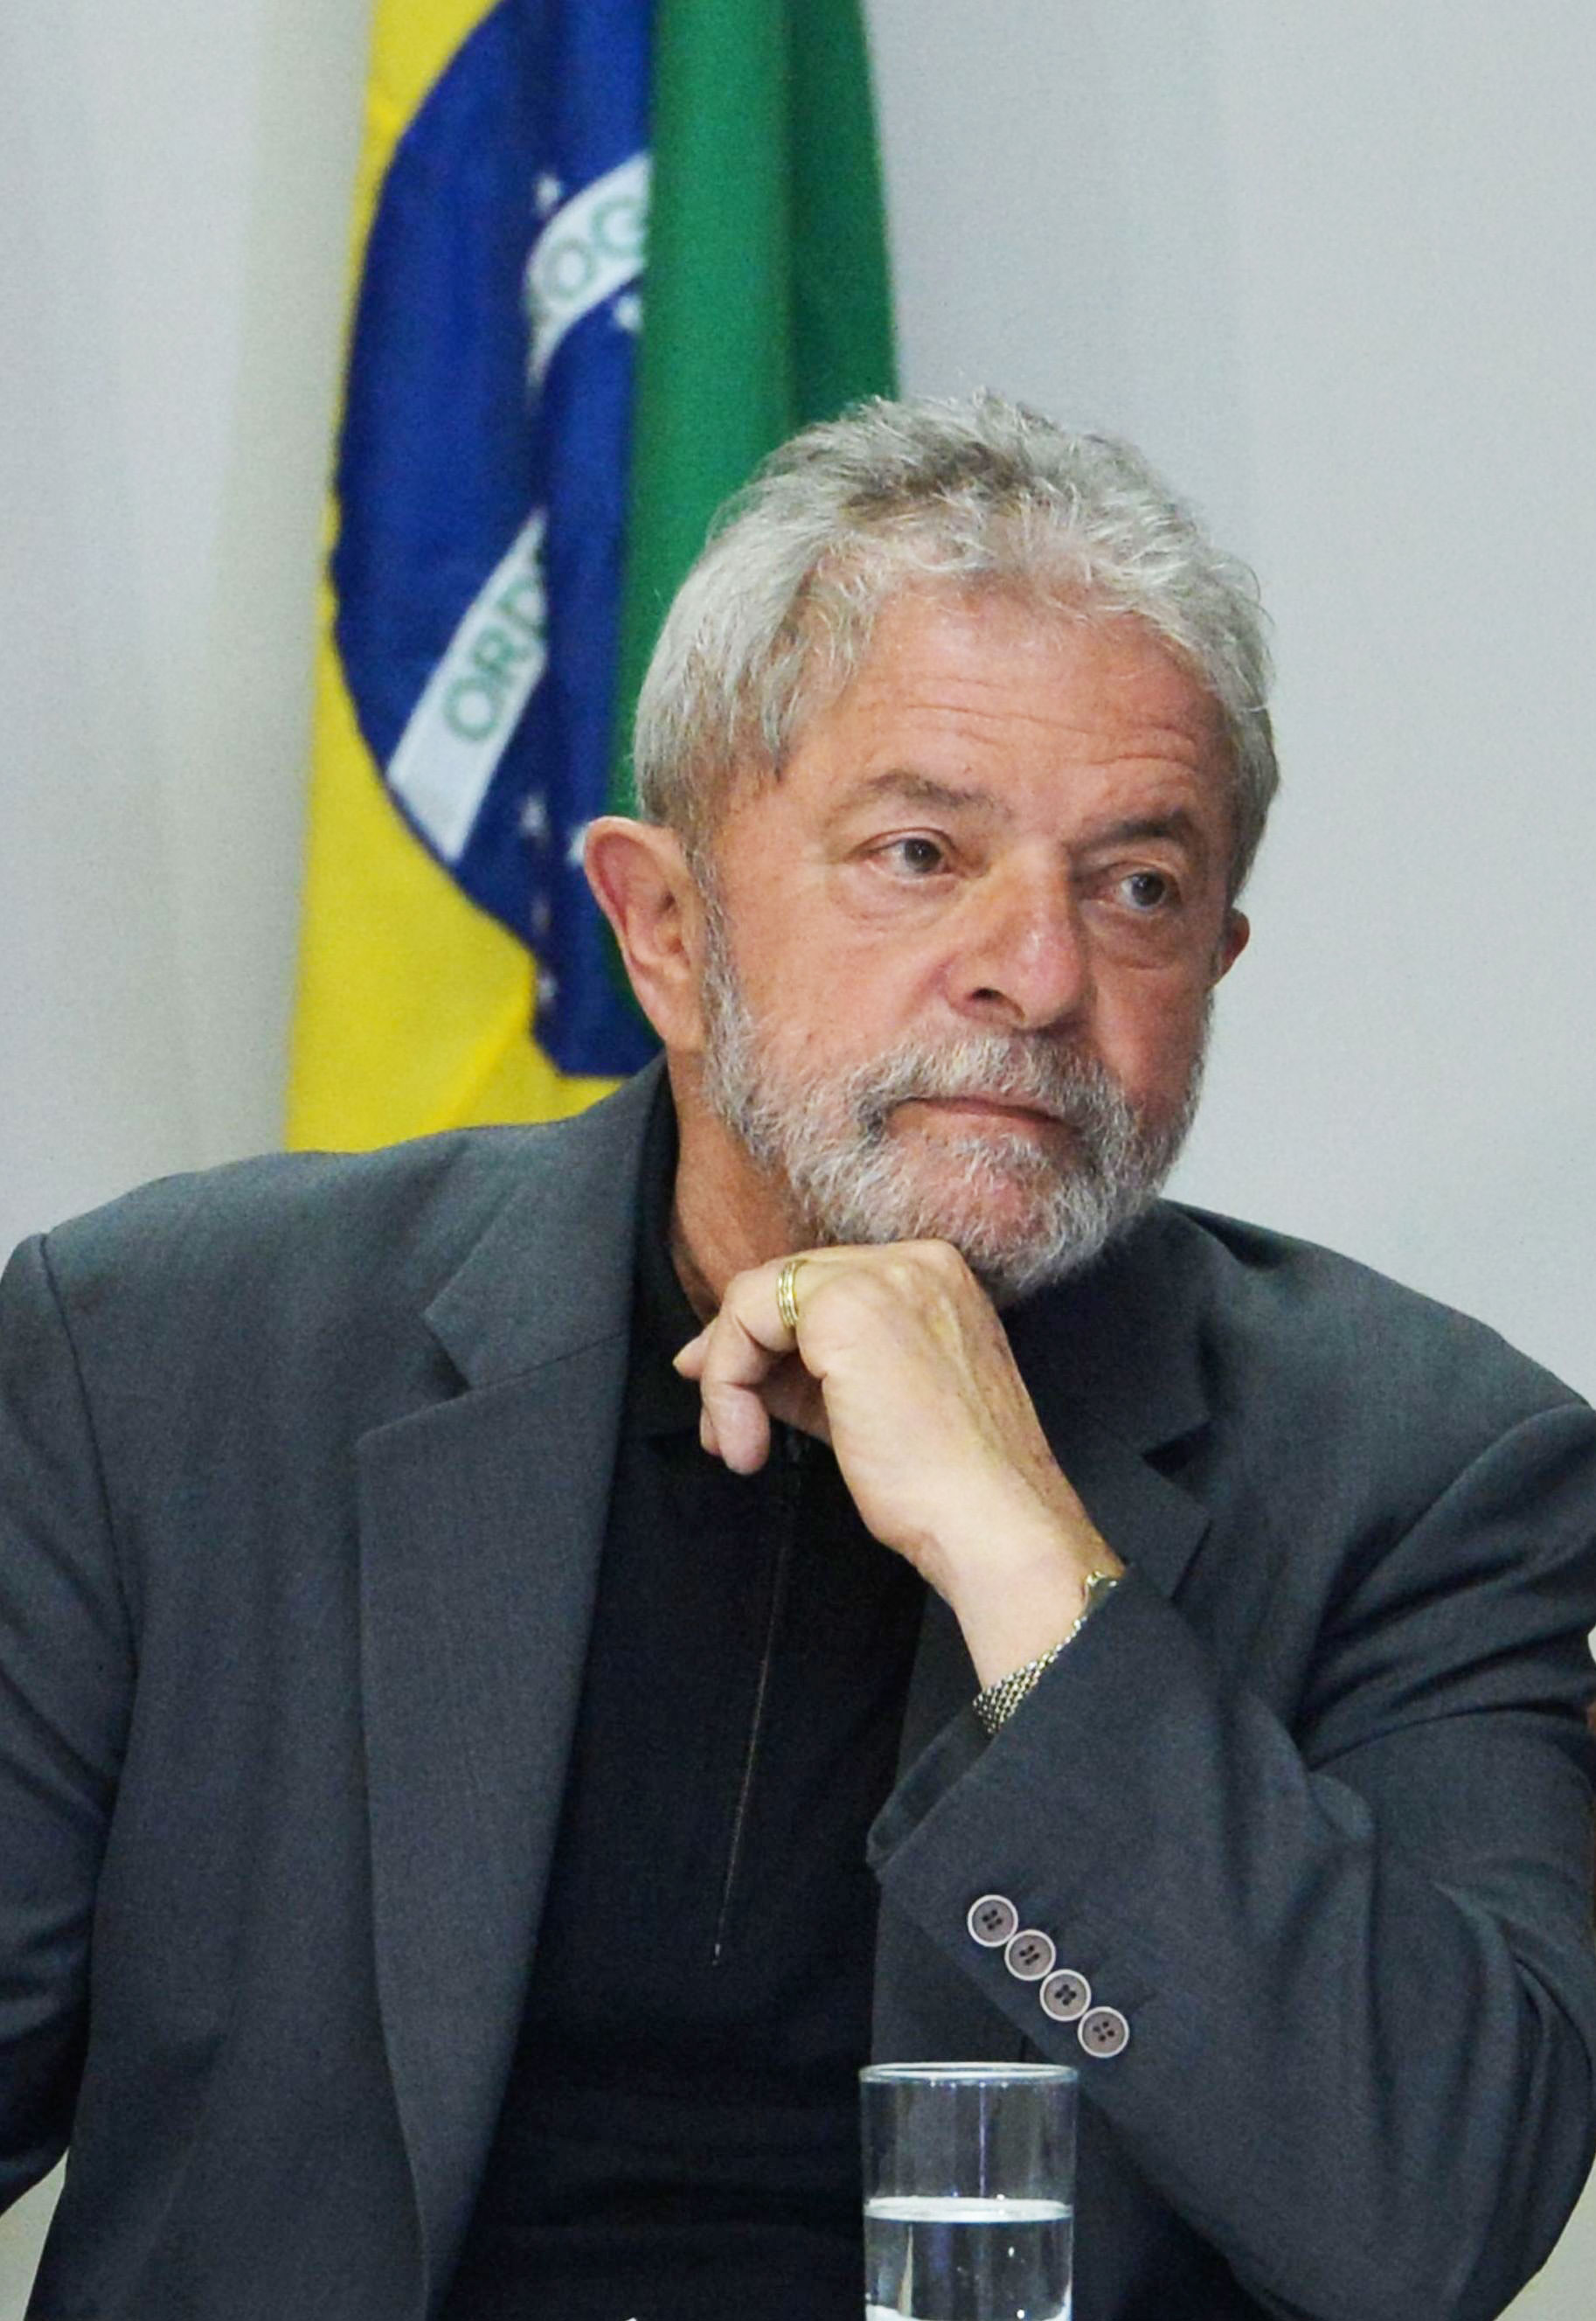 Lula bancada PT Senado Câmara-2015 06 29 (cropped).jpg